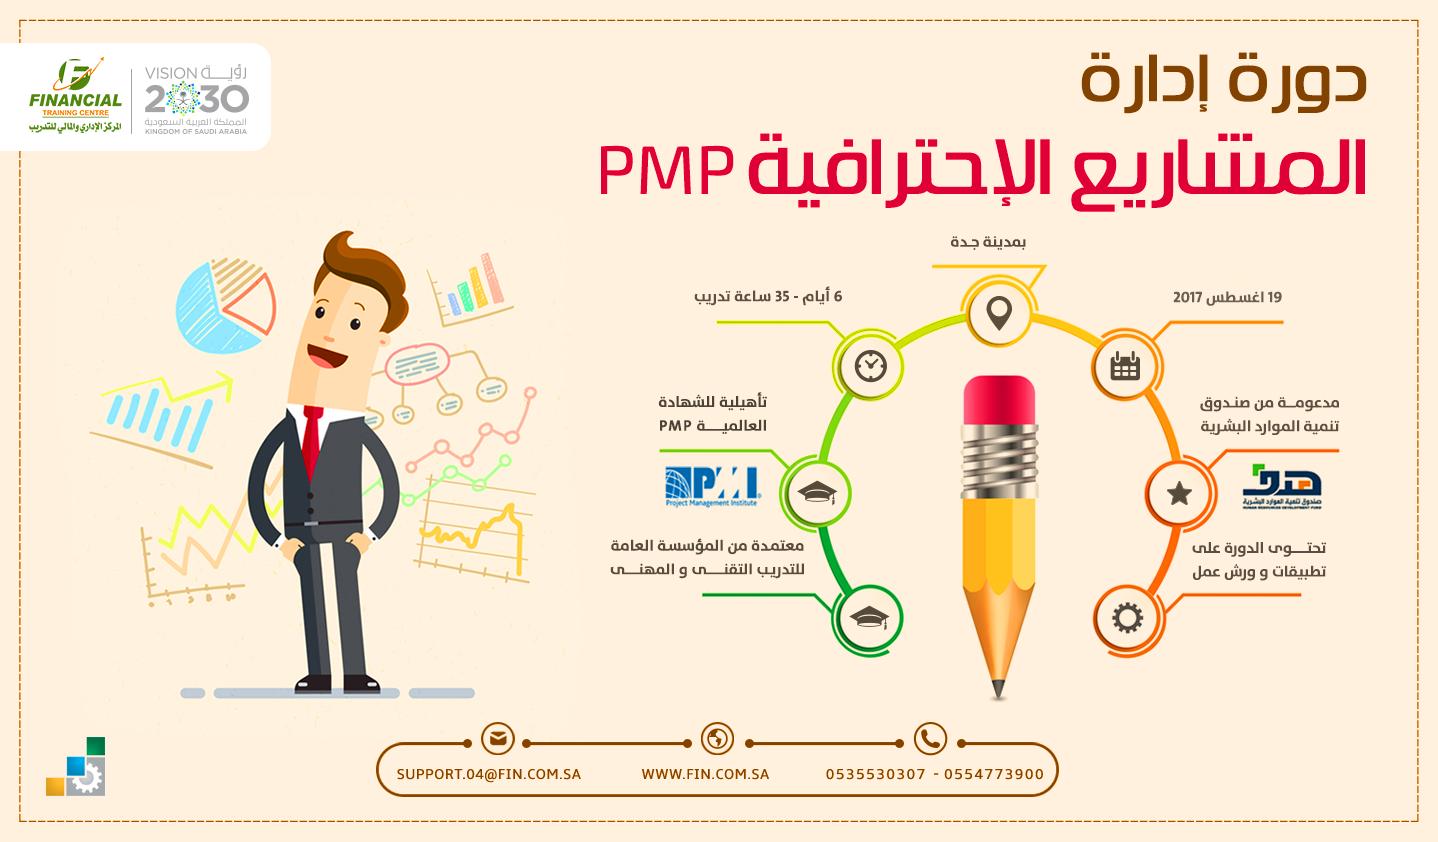 طو ر خبراتك و معارفك الإدارية مع المركز الإداري والمالي للتدريب وانضم معنا للدورة المتميزة إدارة المشاريع الاحترافية Pmp Map Map Screenshot